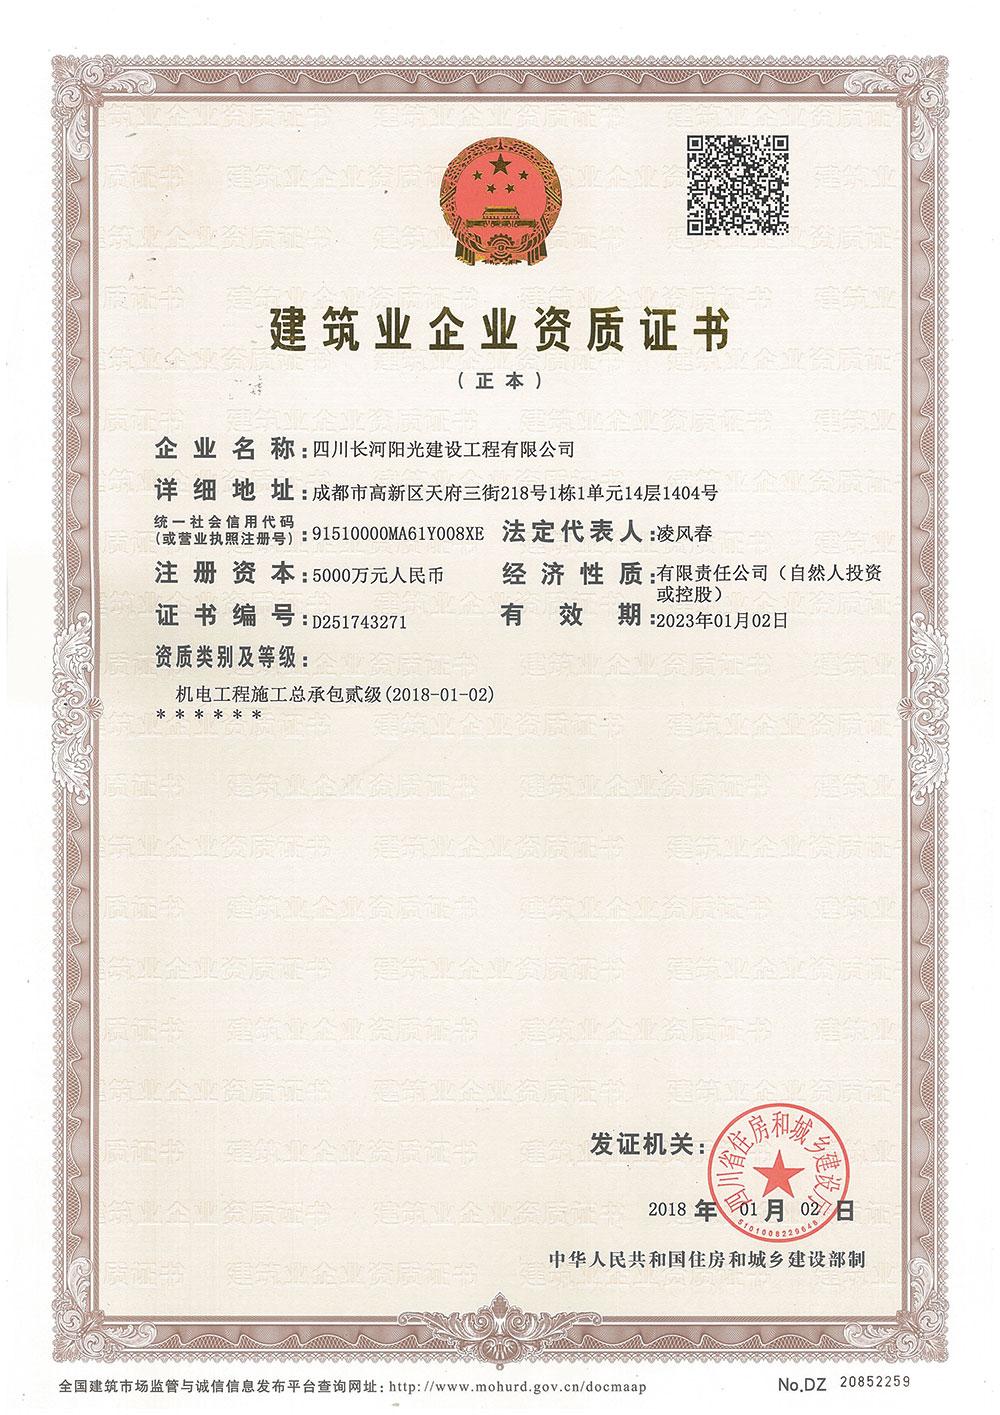 20210714亚博体育竞彩下载亚博足球app官网质量管理体系证书(正本)